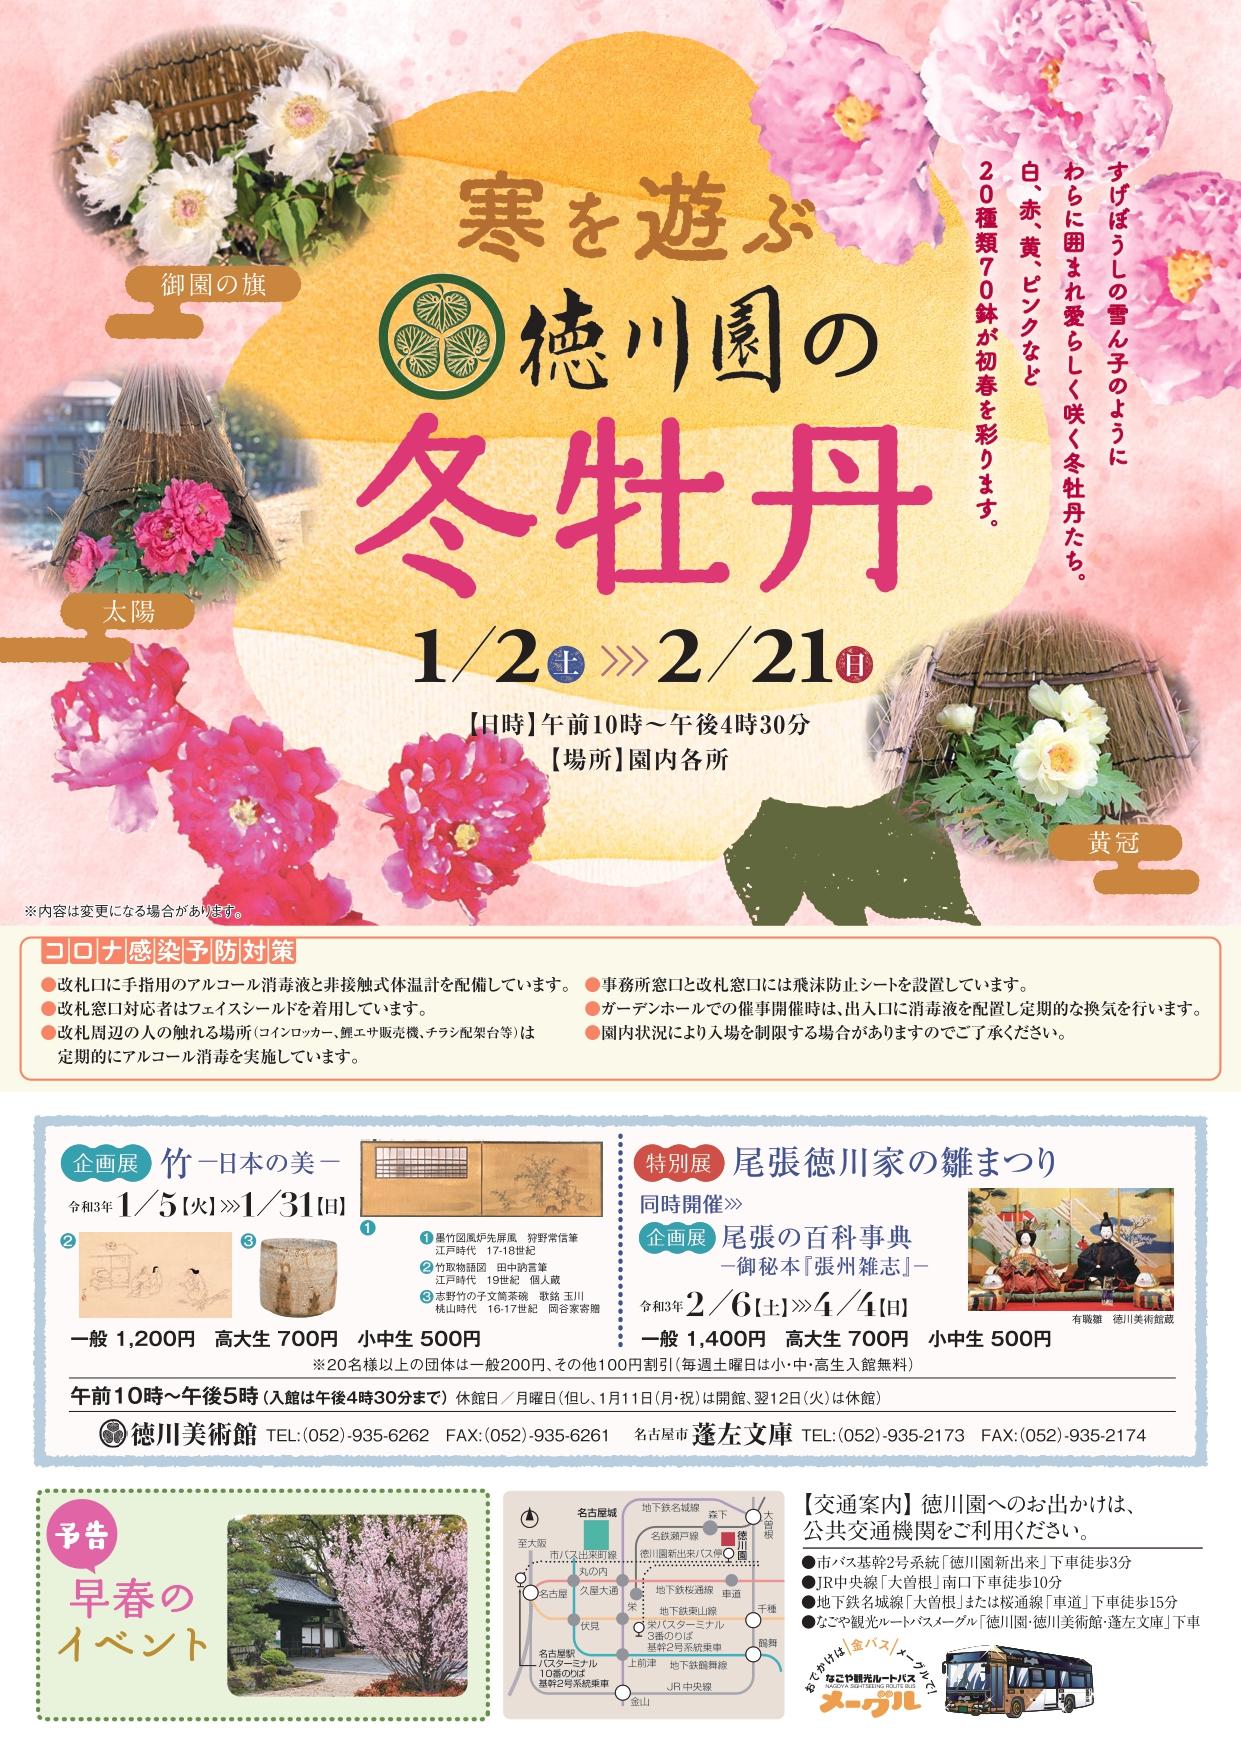 1/2~2/21 徳川園の冬牡丹